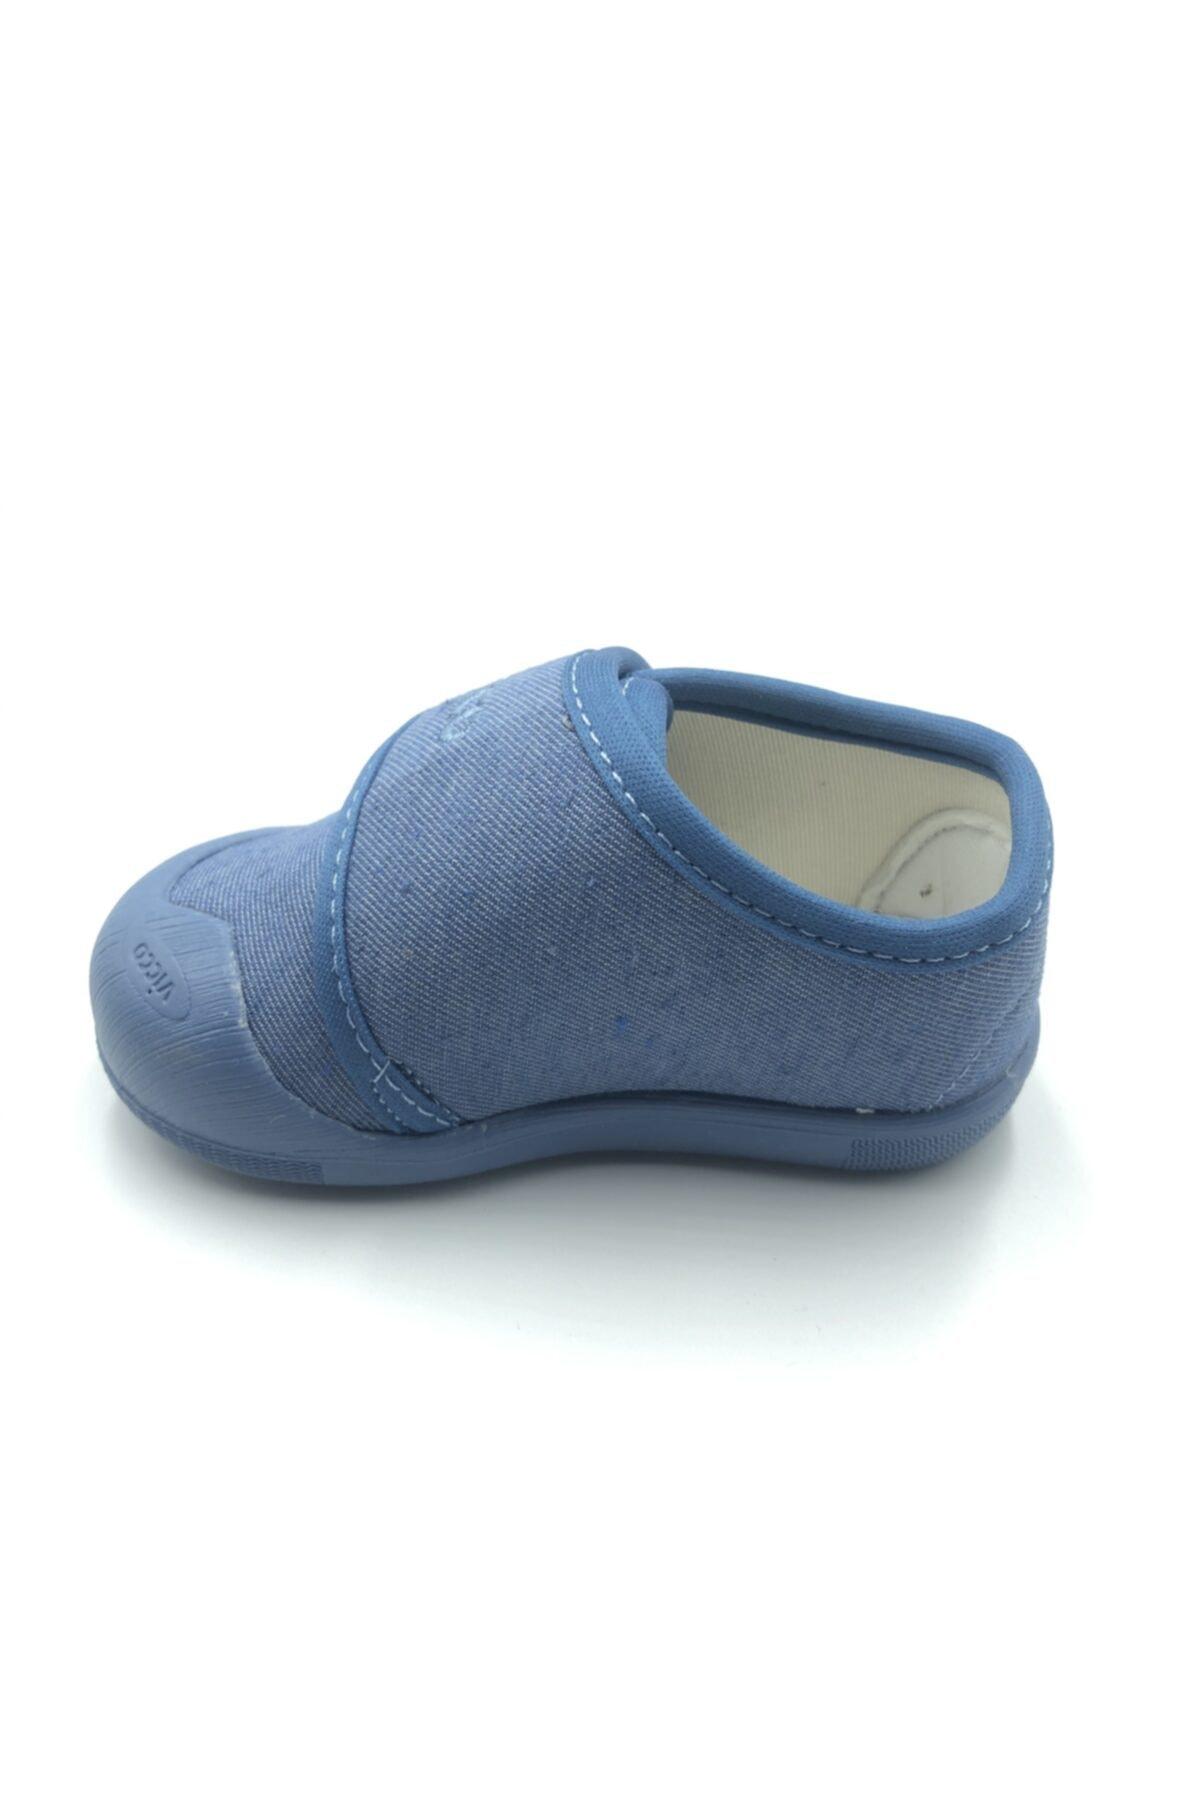 Vicco Ünisex Kot Ilk Adım Ayakkabı 2